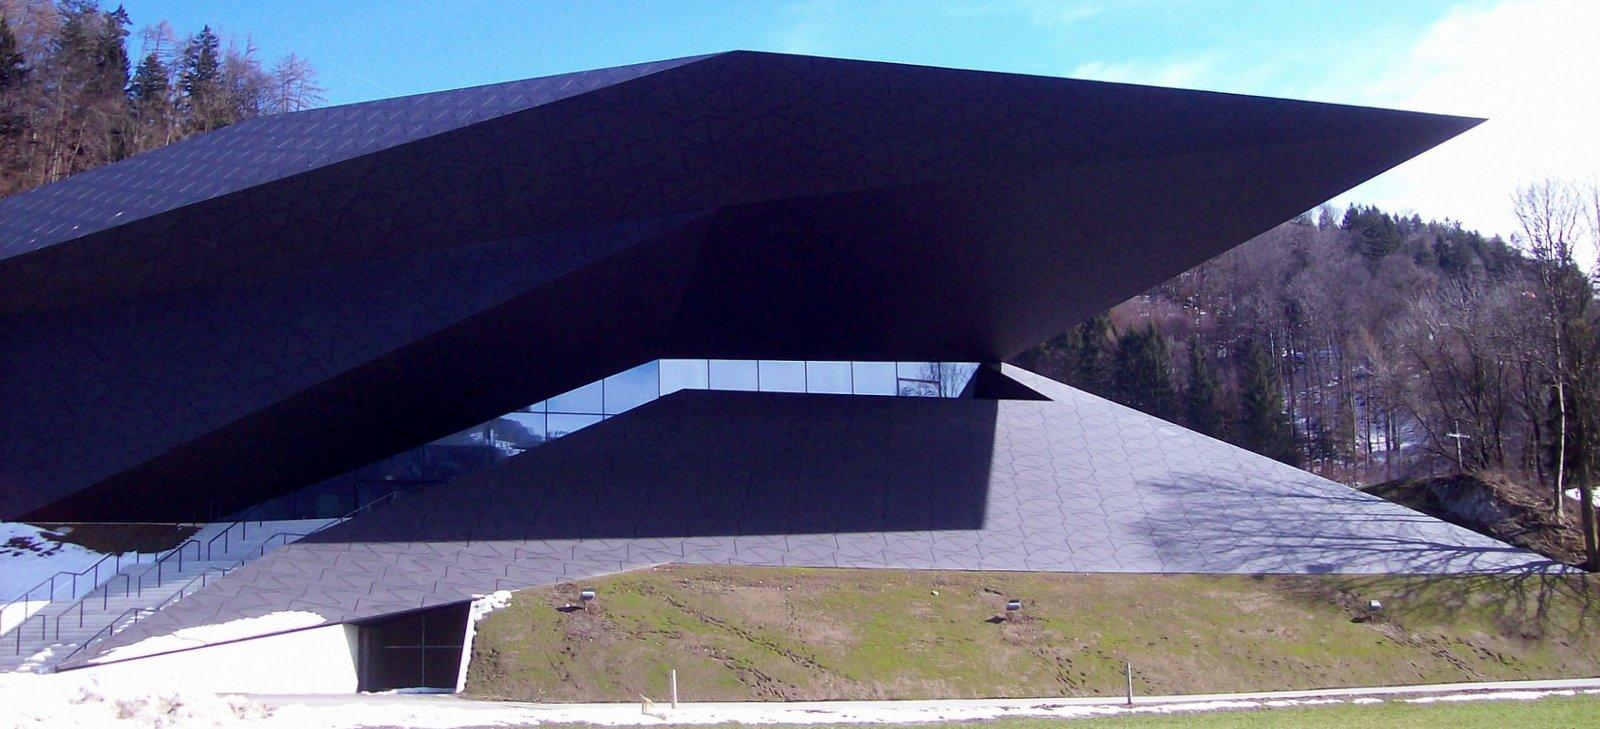 Neues Passionsspielhaus Erl